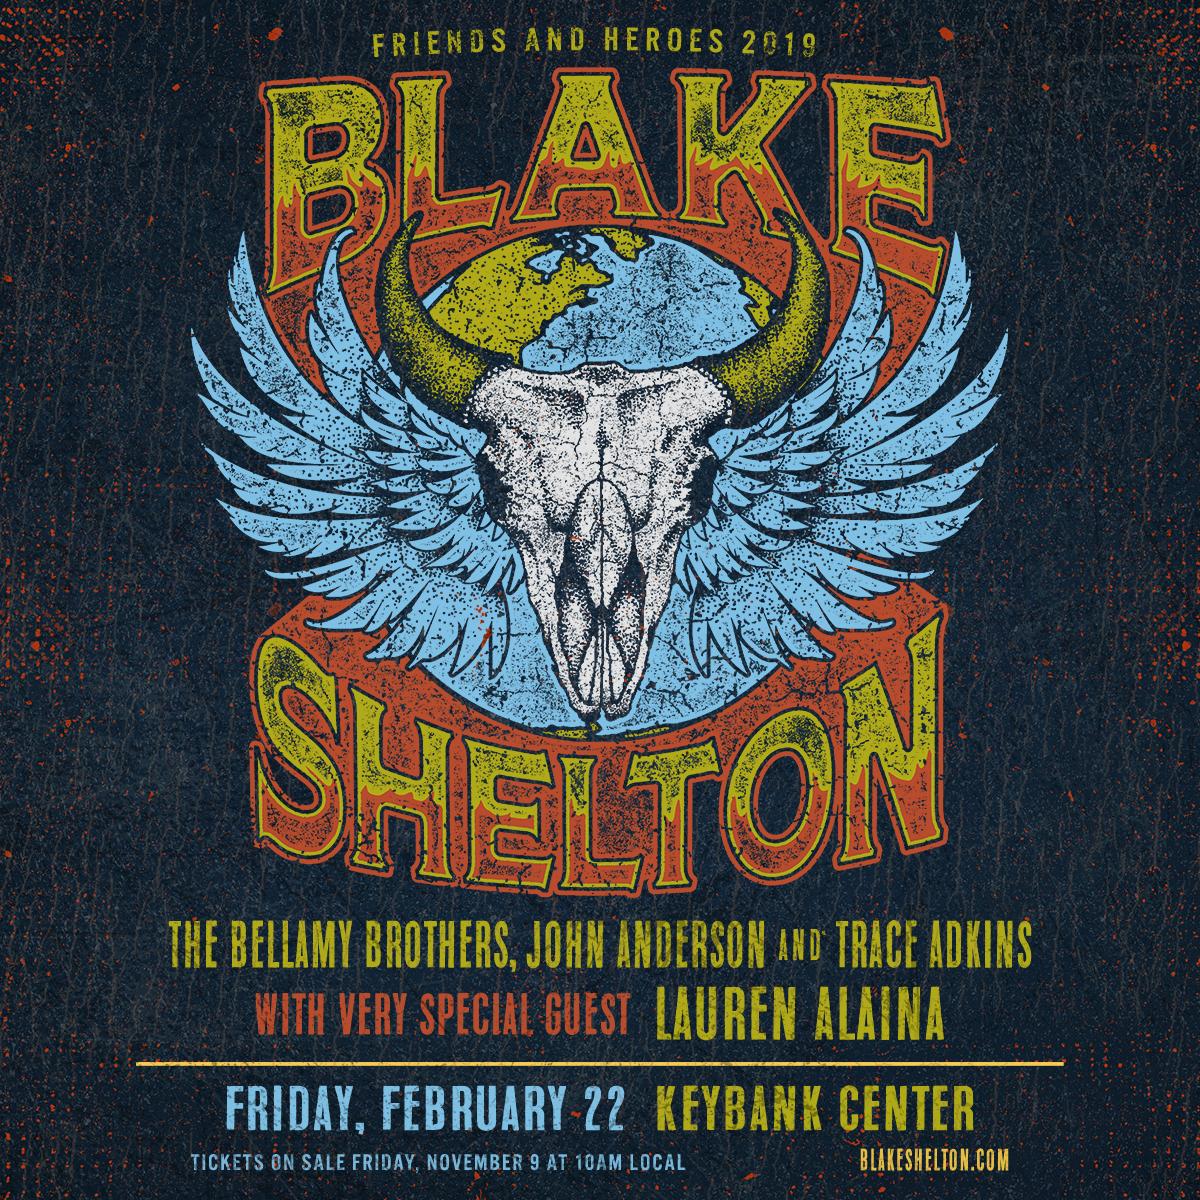 Winning Your Way To Blake Shelton